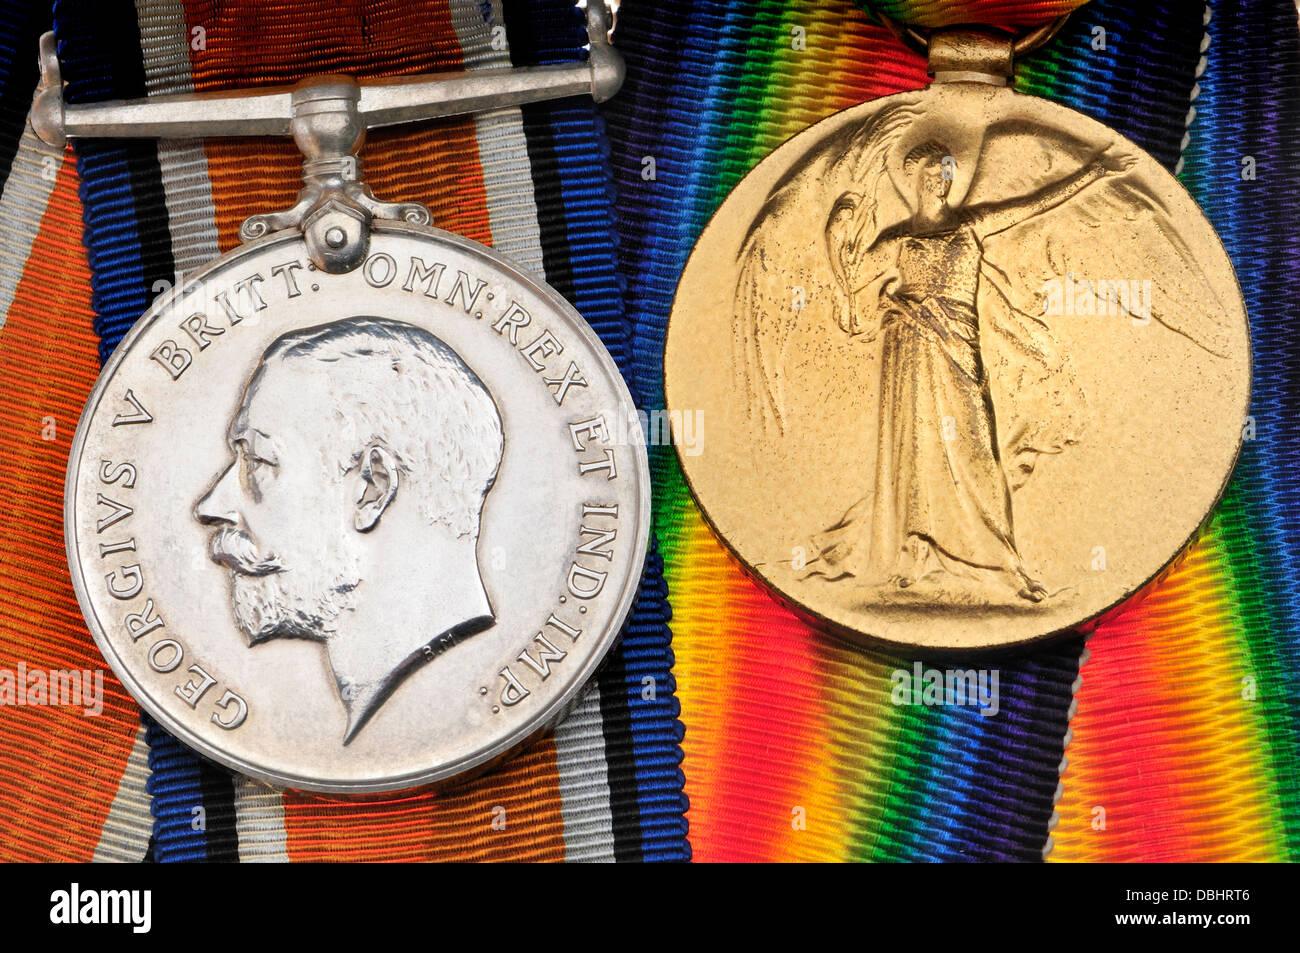 War Medals Imágenes De Stock & War Medals Fotos De Stock - Alamy